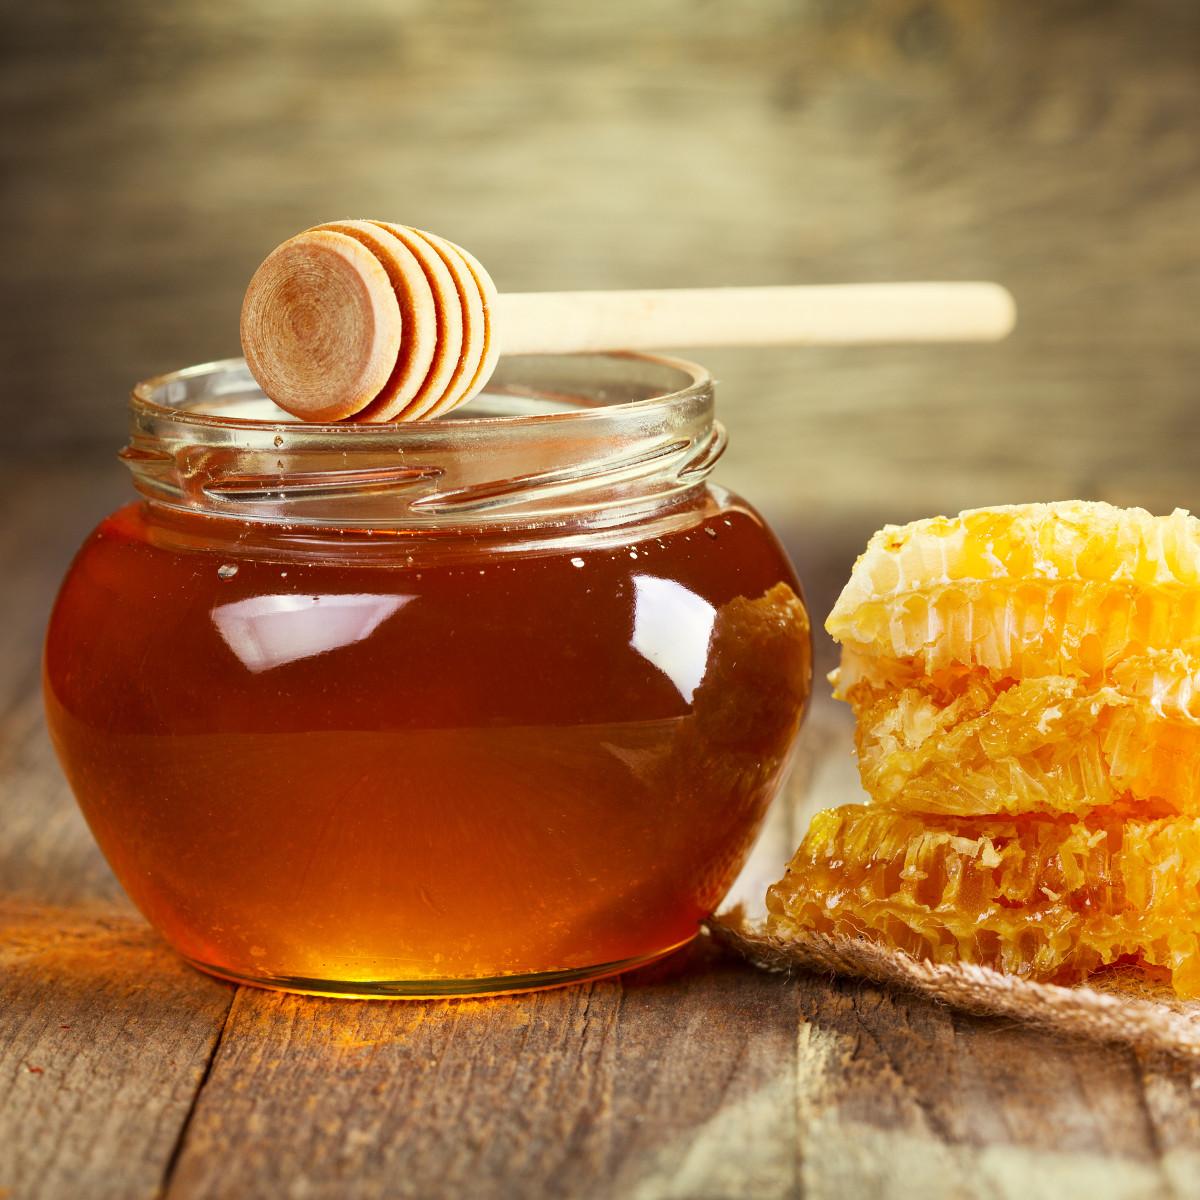 Bebês podem comer mel?